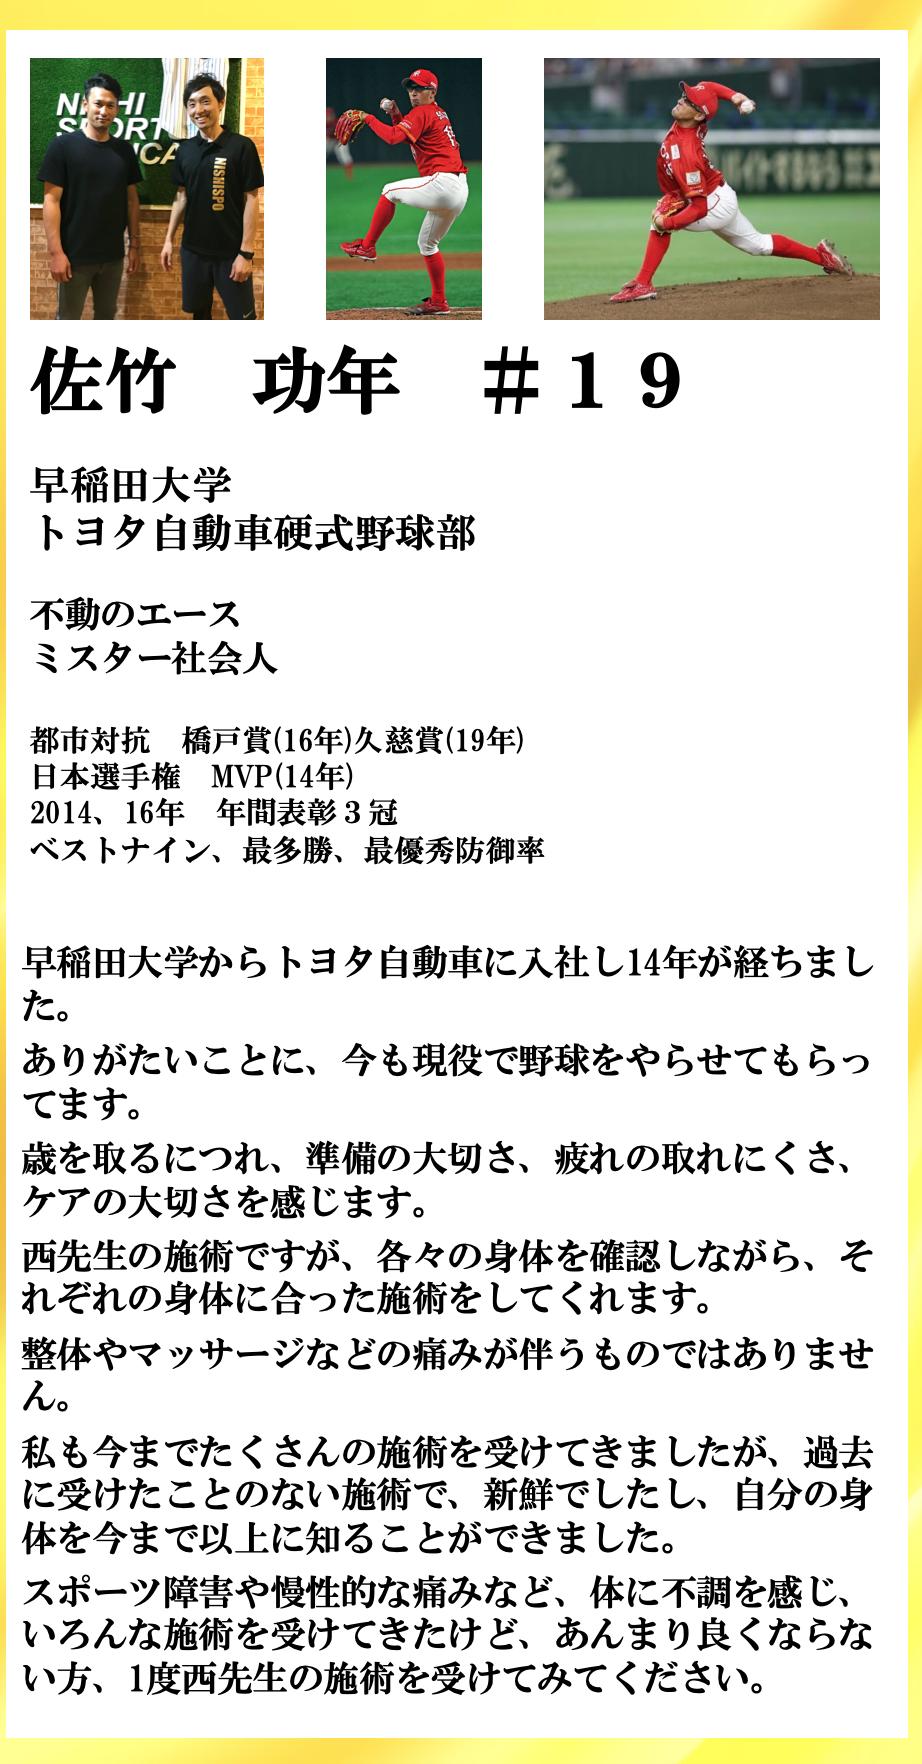 スクリーンショット 2020-03-18 16.42.44.png